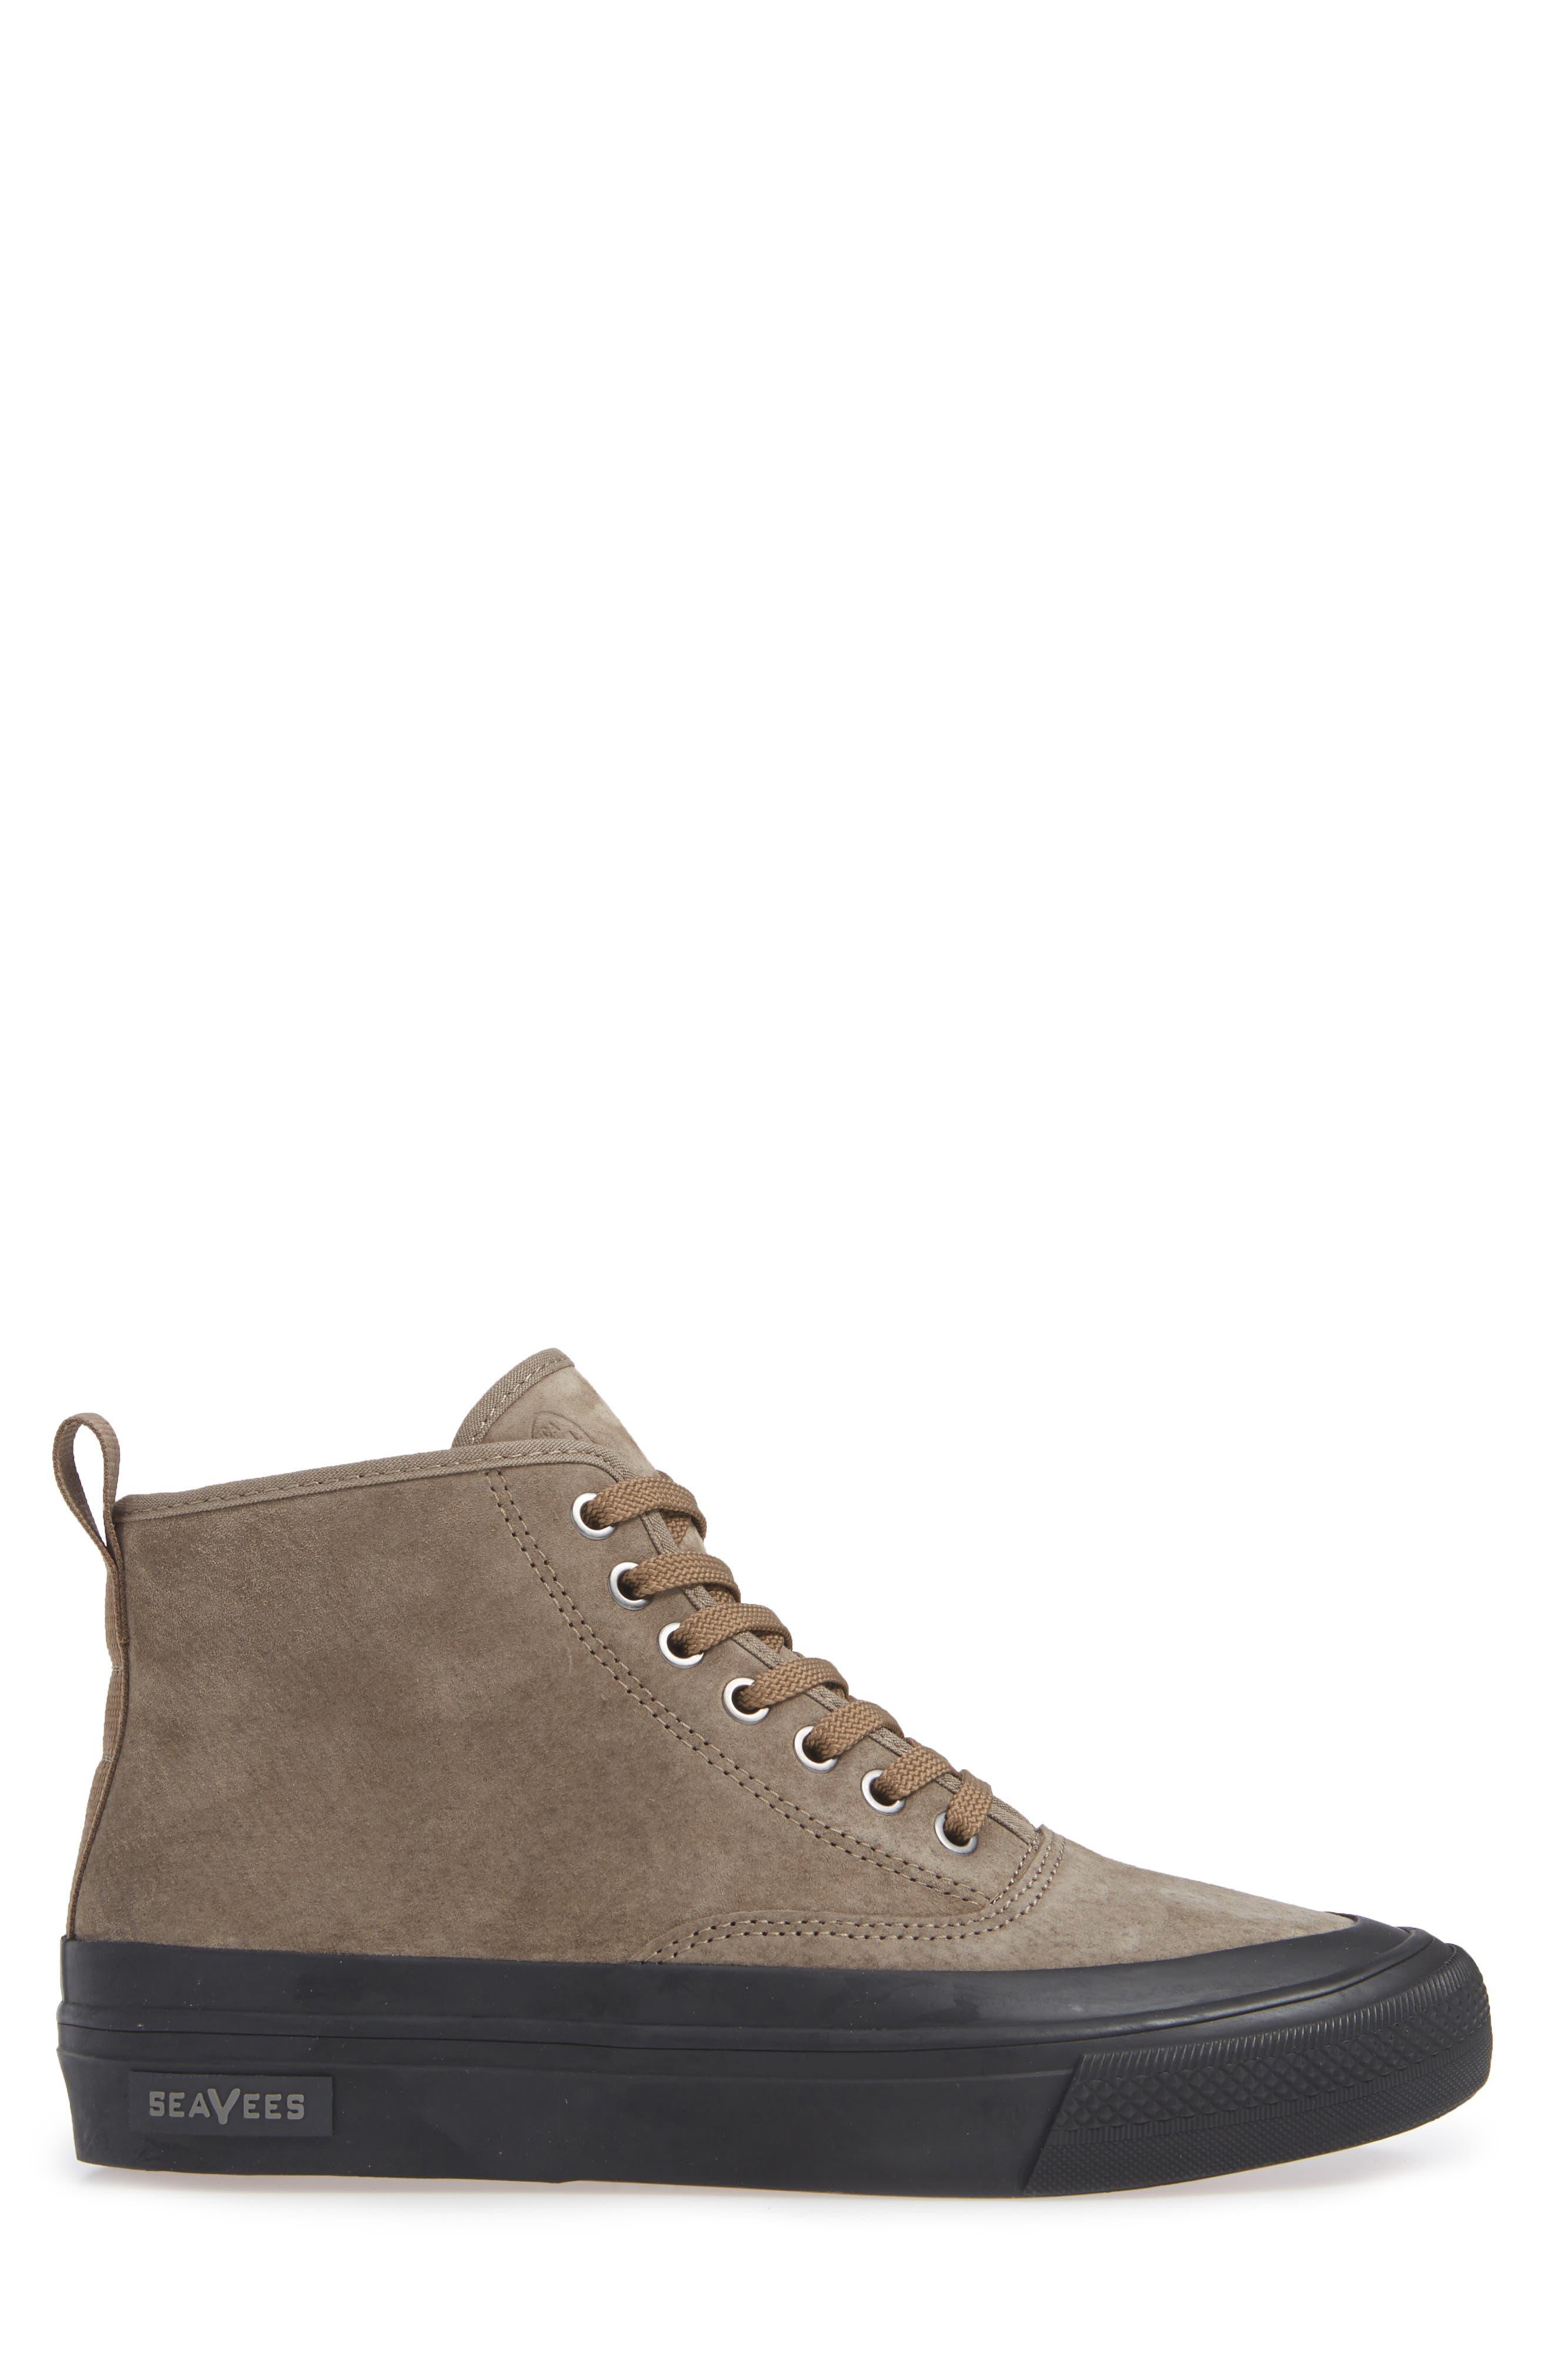 Mariners Waterproof Sneaker,                             Alternate thumbnail 3, color,                             BROWN SUEDE